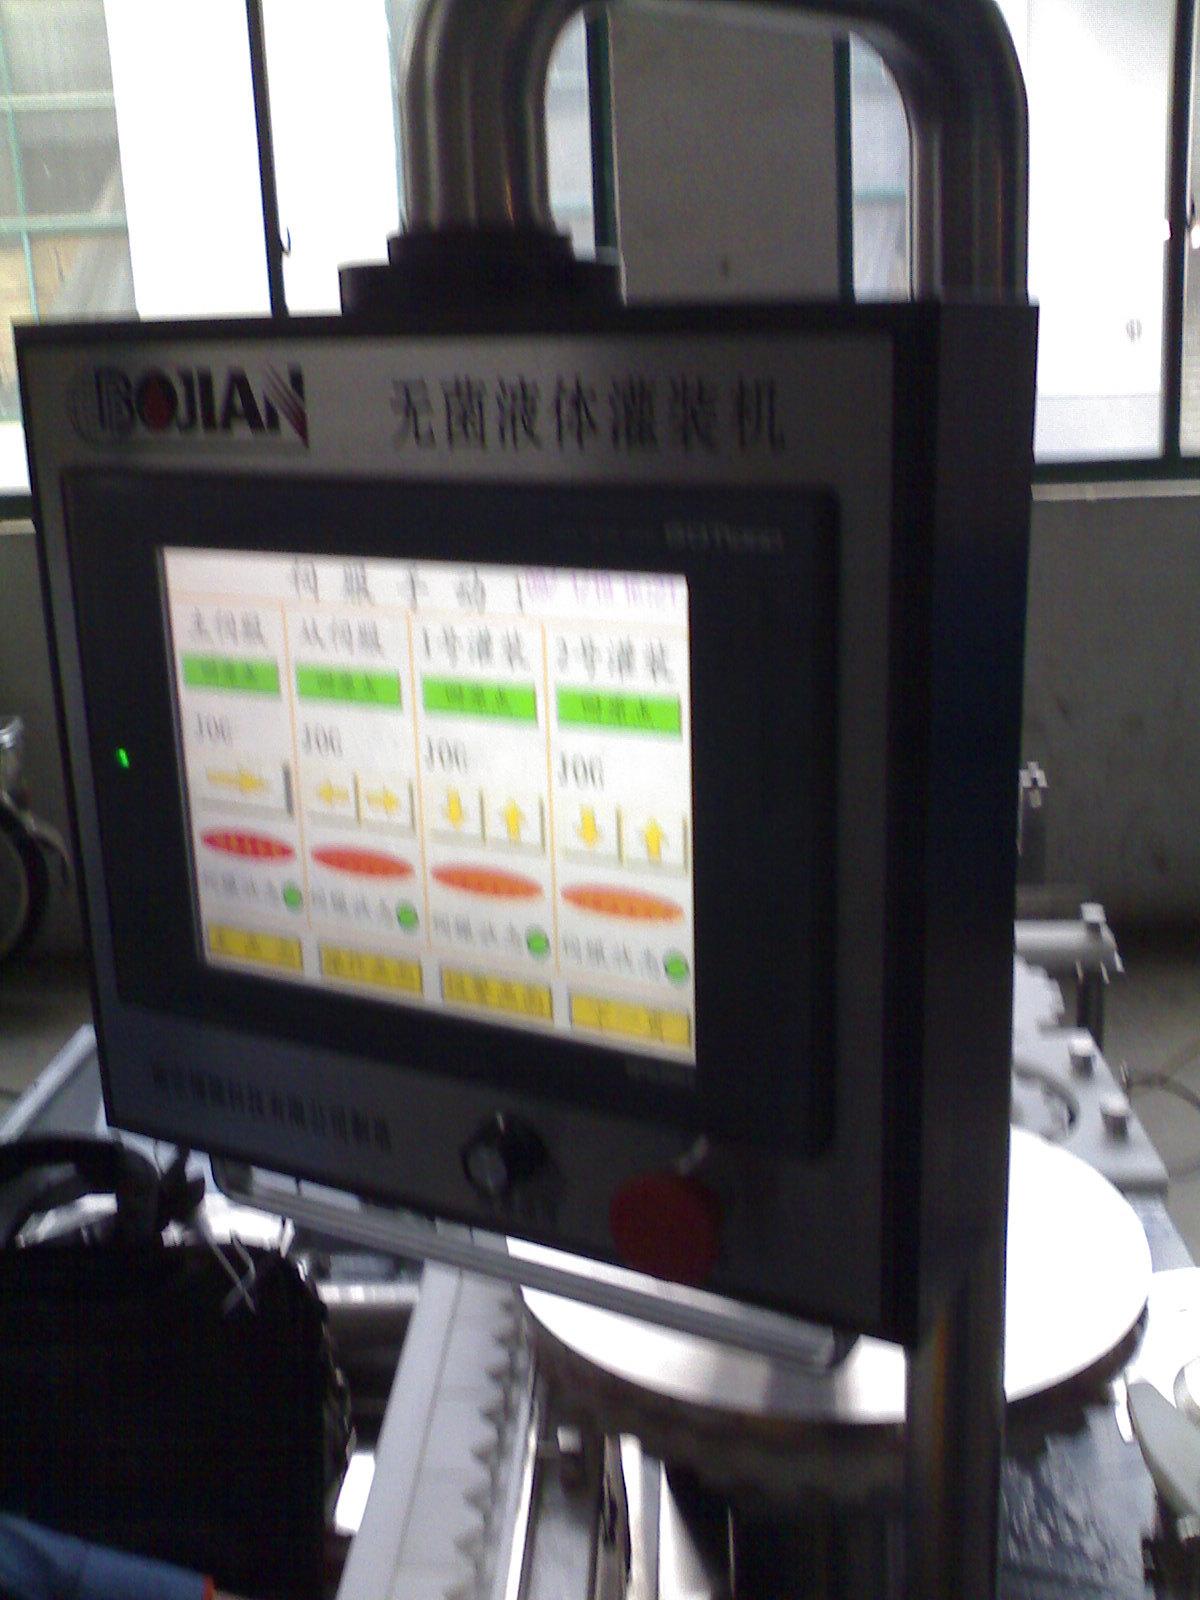 Cung cấp tủ điều khiển tự động dược liệu